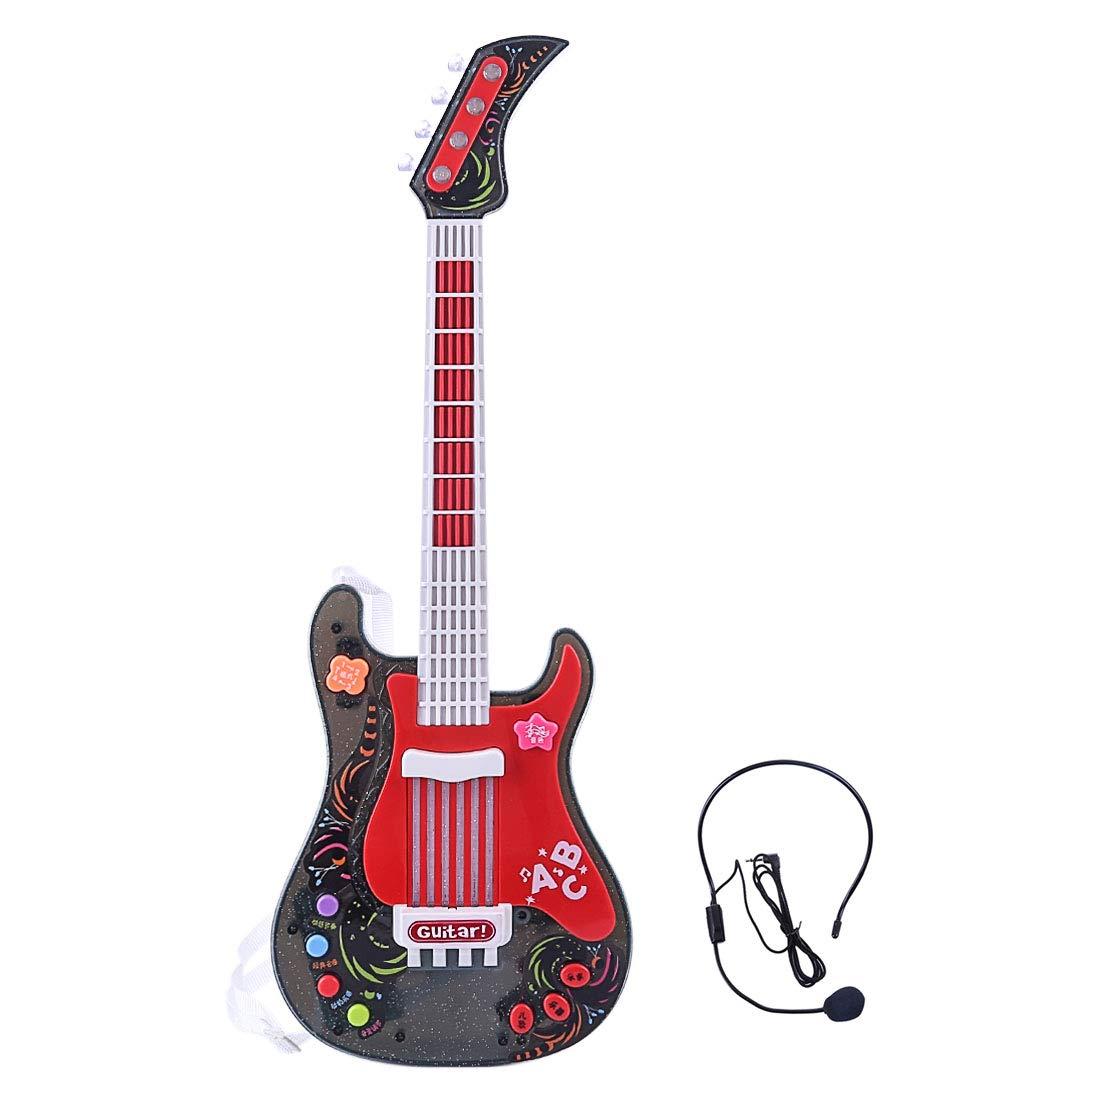 MRKE Guitarra Electrica Niños con Microfono Rock Juguete de Instrumentos Musicales para Infantil Niño y Niña 3-8 Años: Amazon.es: Juguetes y juegos